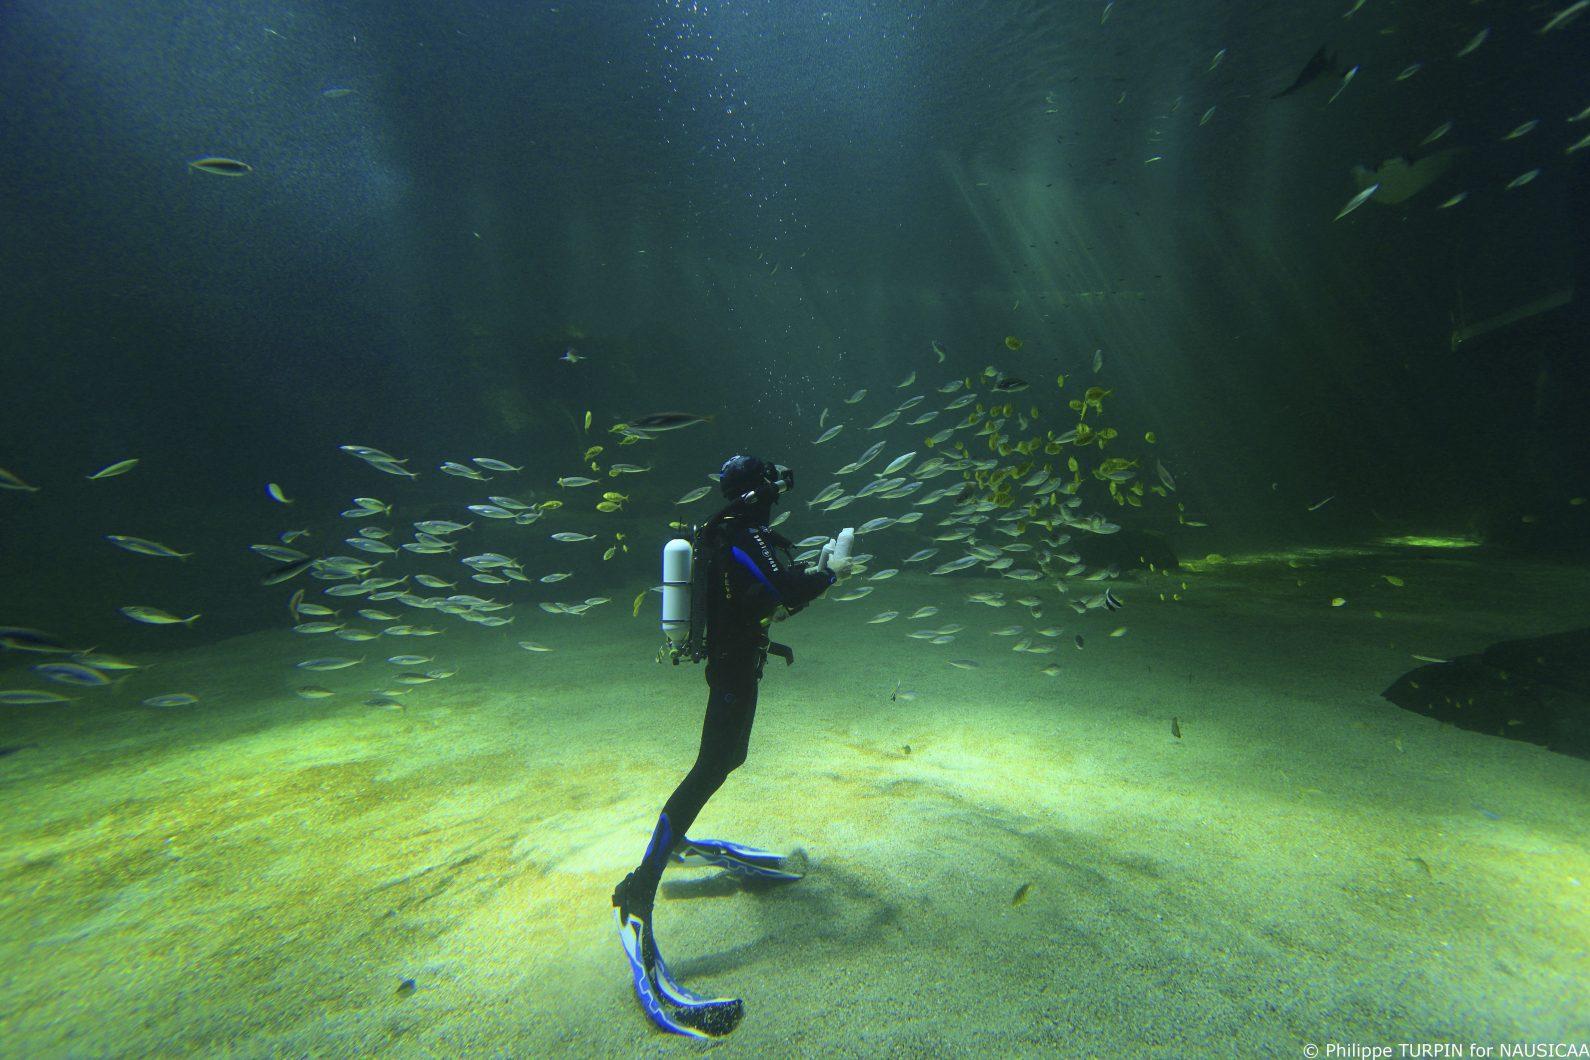 найсильніший рифовий бак LED освітлення 2020 року